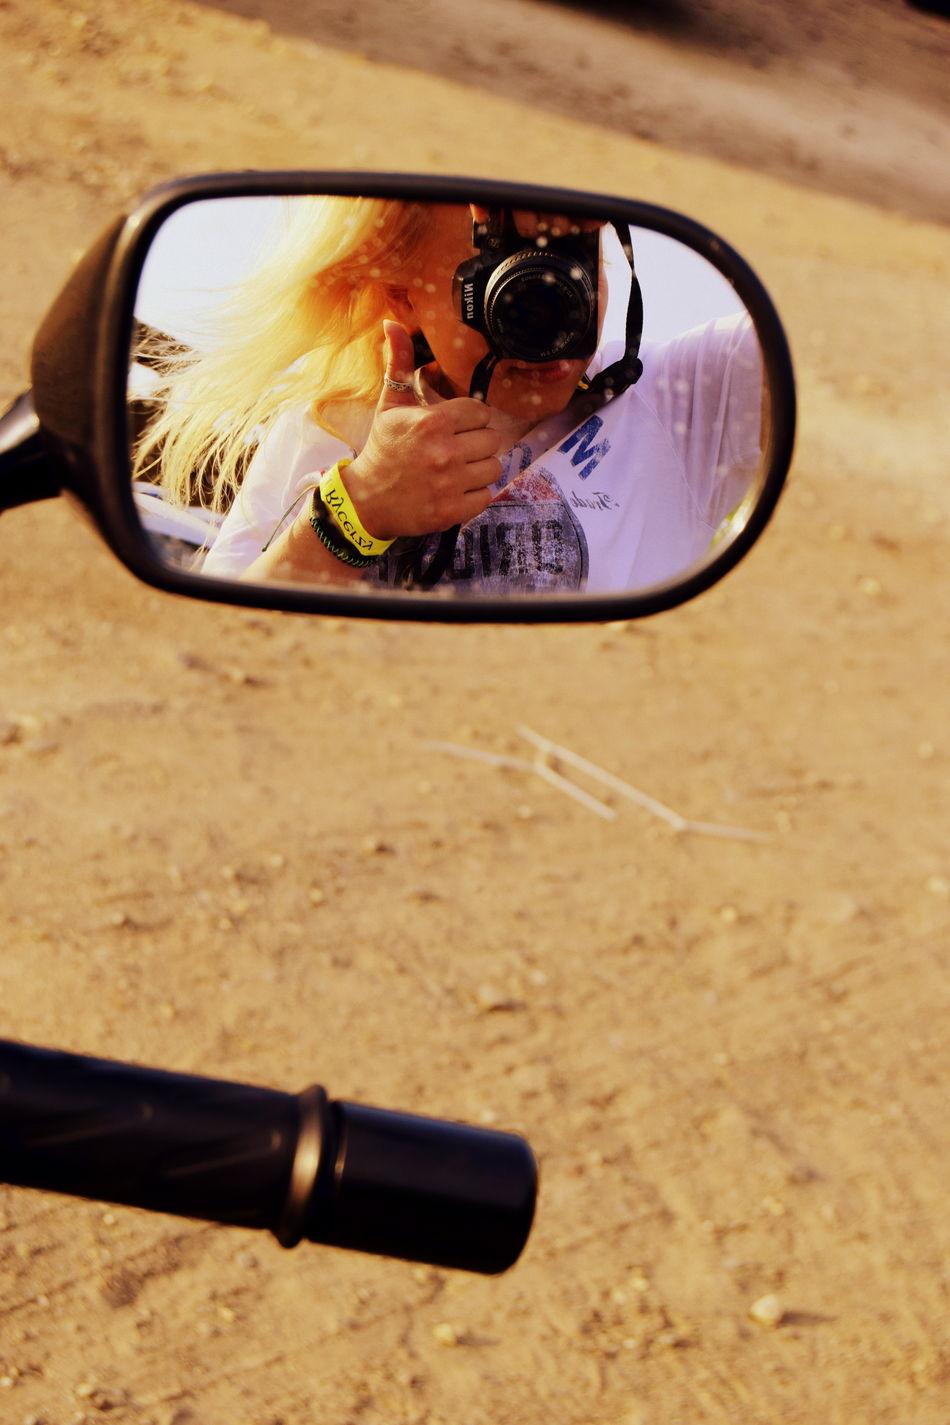 #good #me #mirror #motorcycles #photo #selfie